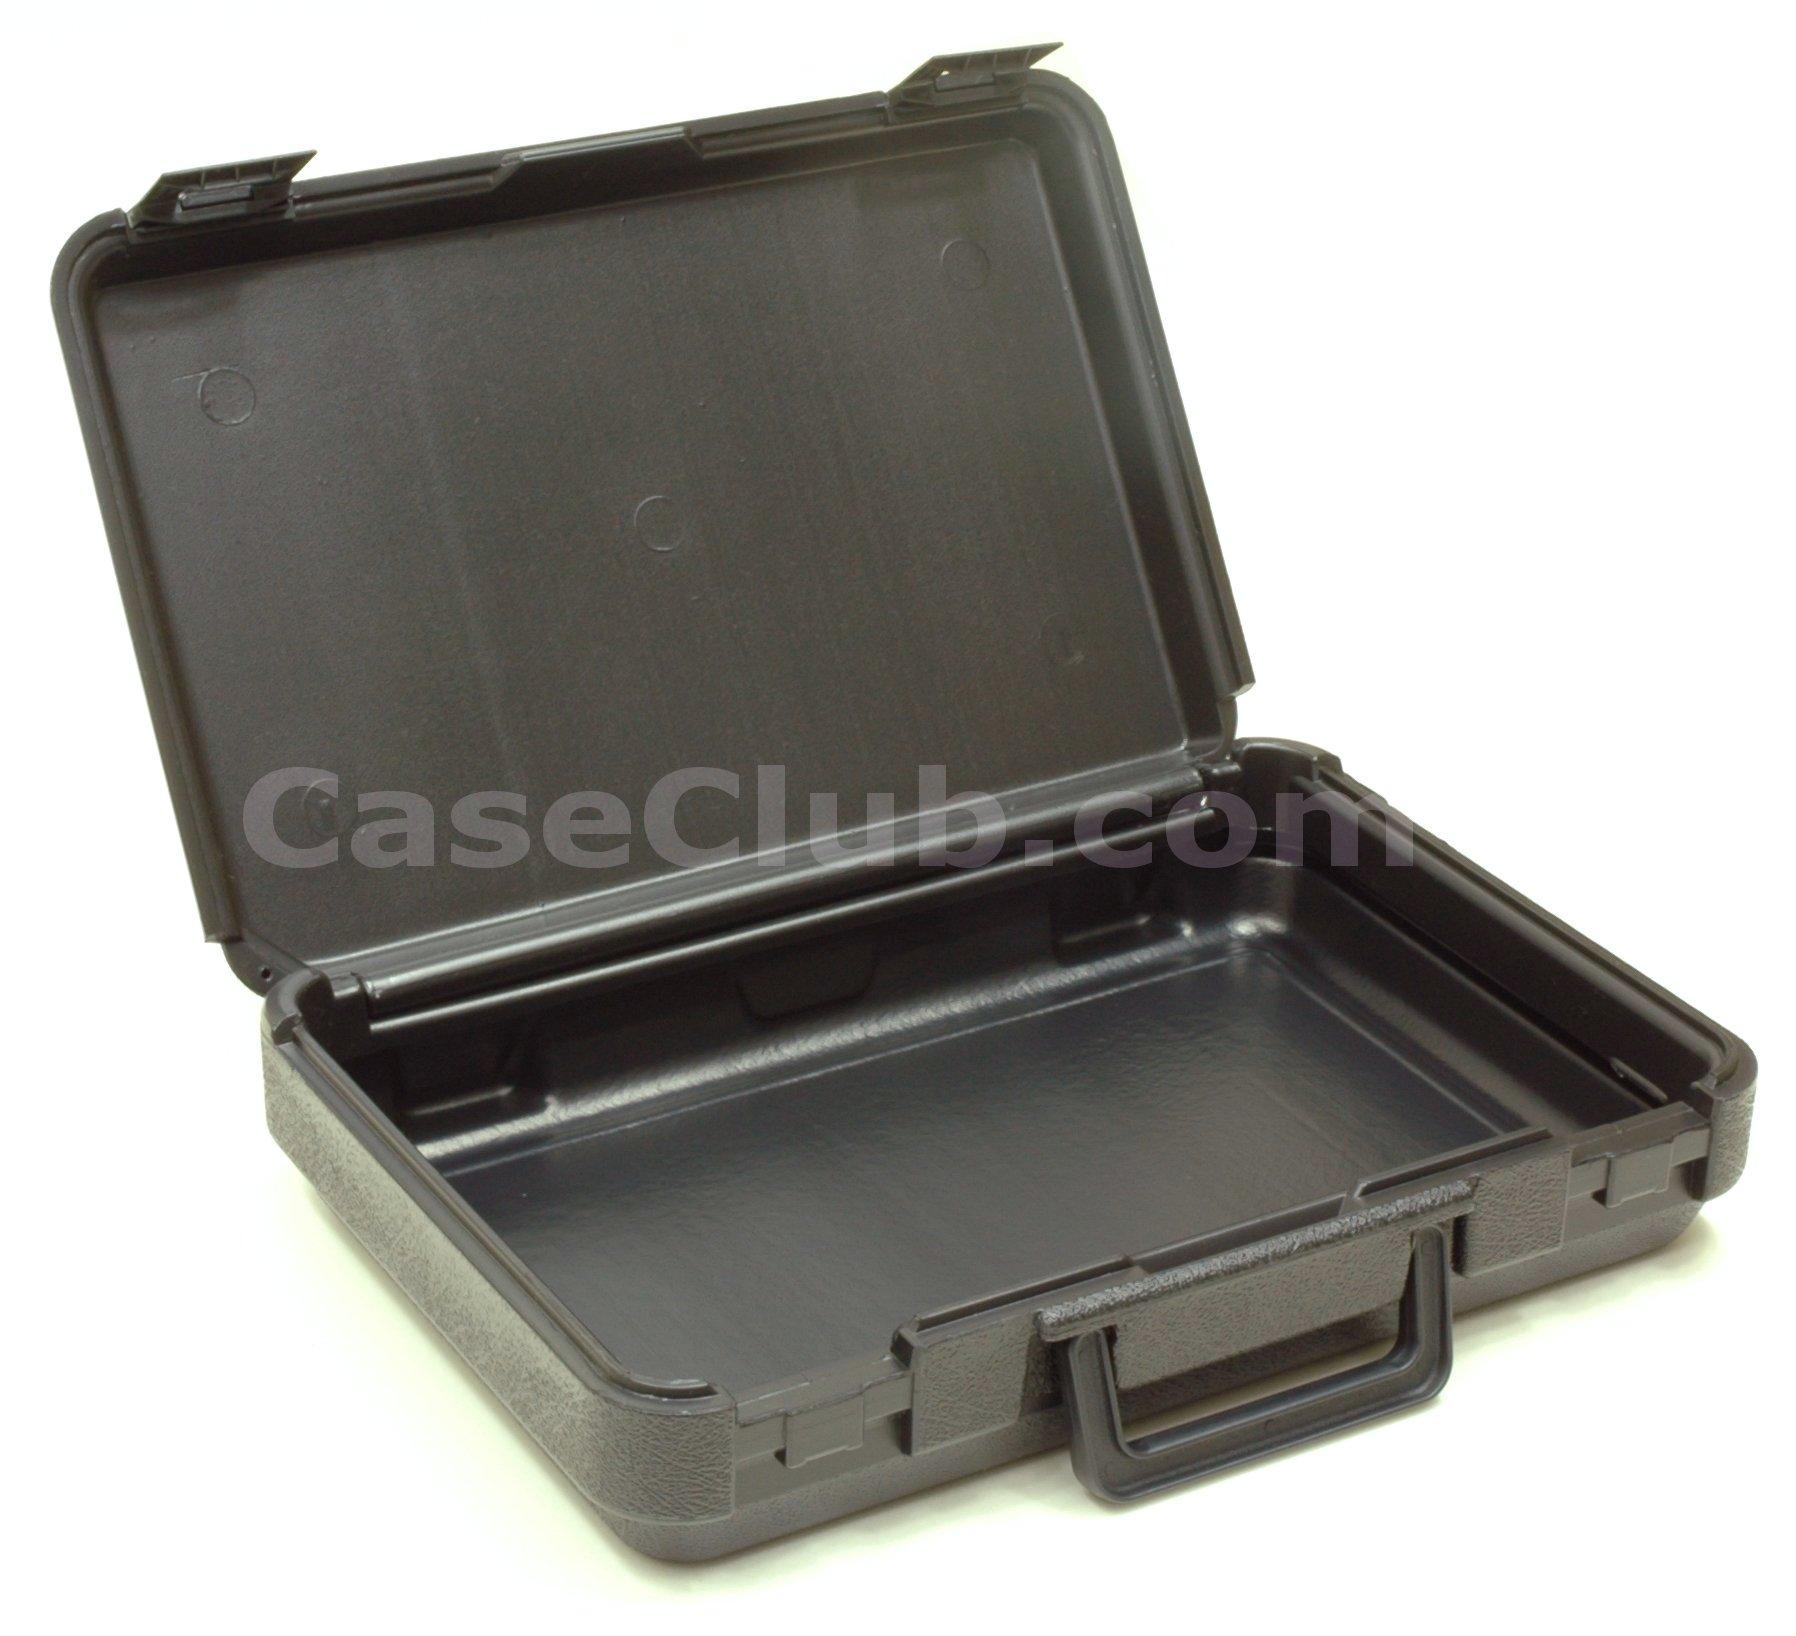 WR13.5x9.0x3.3 Case